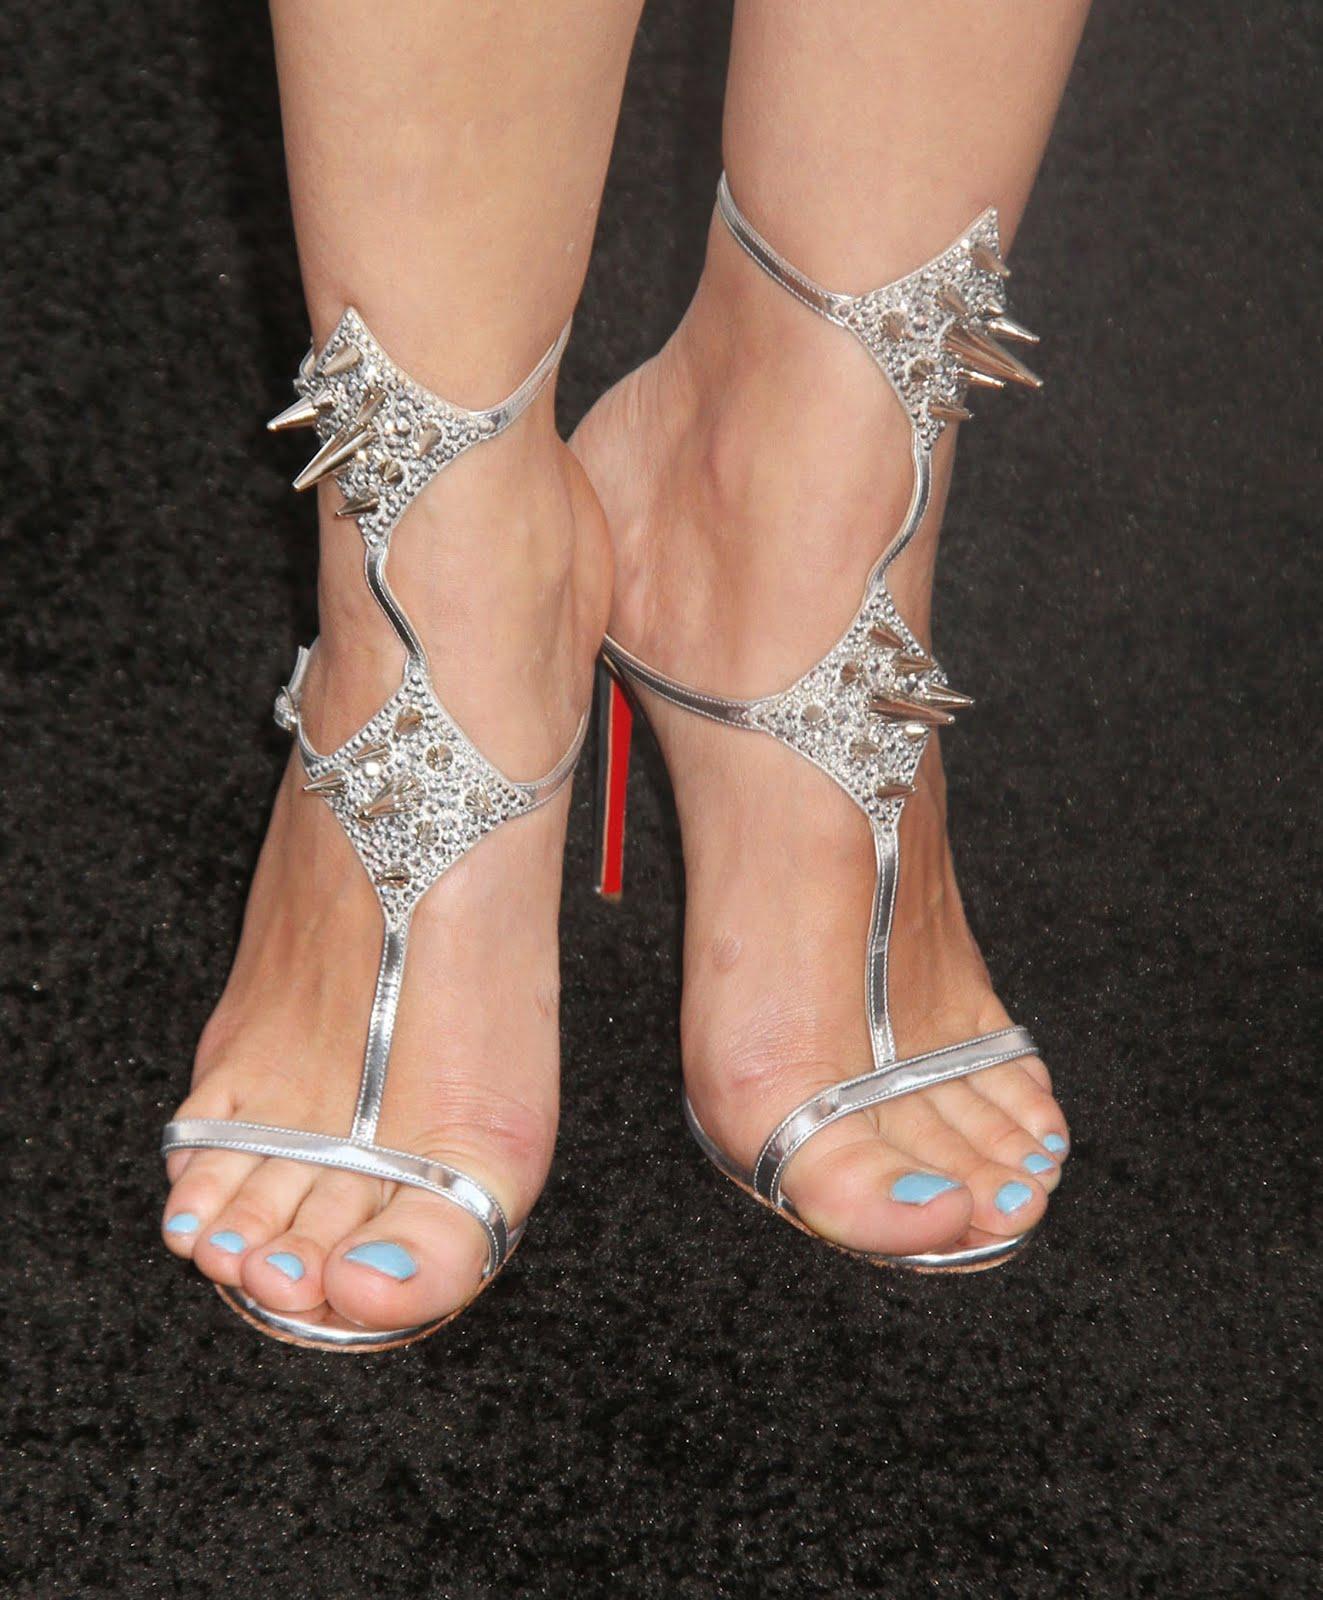 http://4.bp.blogspot.com/-7_Xi9VOdB1E/UBarkzVU_0I/AAAAAAAAAOk/d1HpUgubWO0/s1600/Marion_Cotillard_Feet_001.jpg